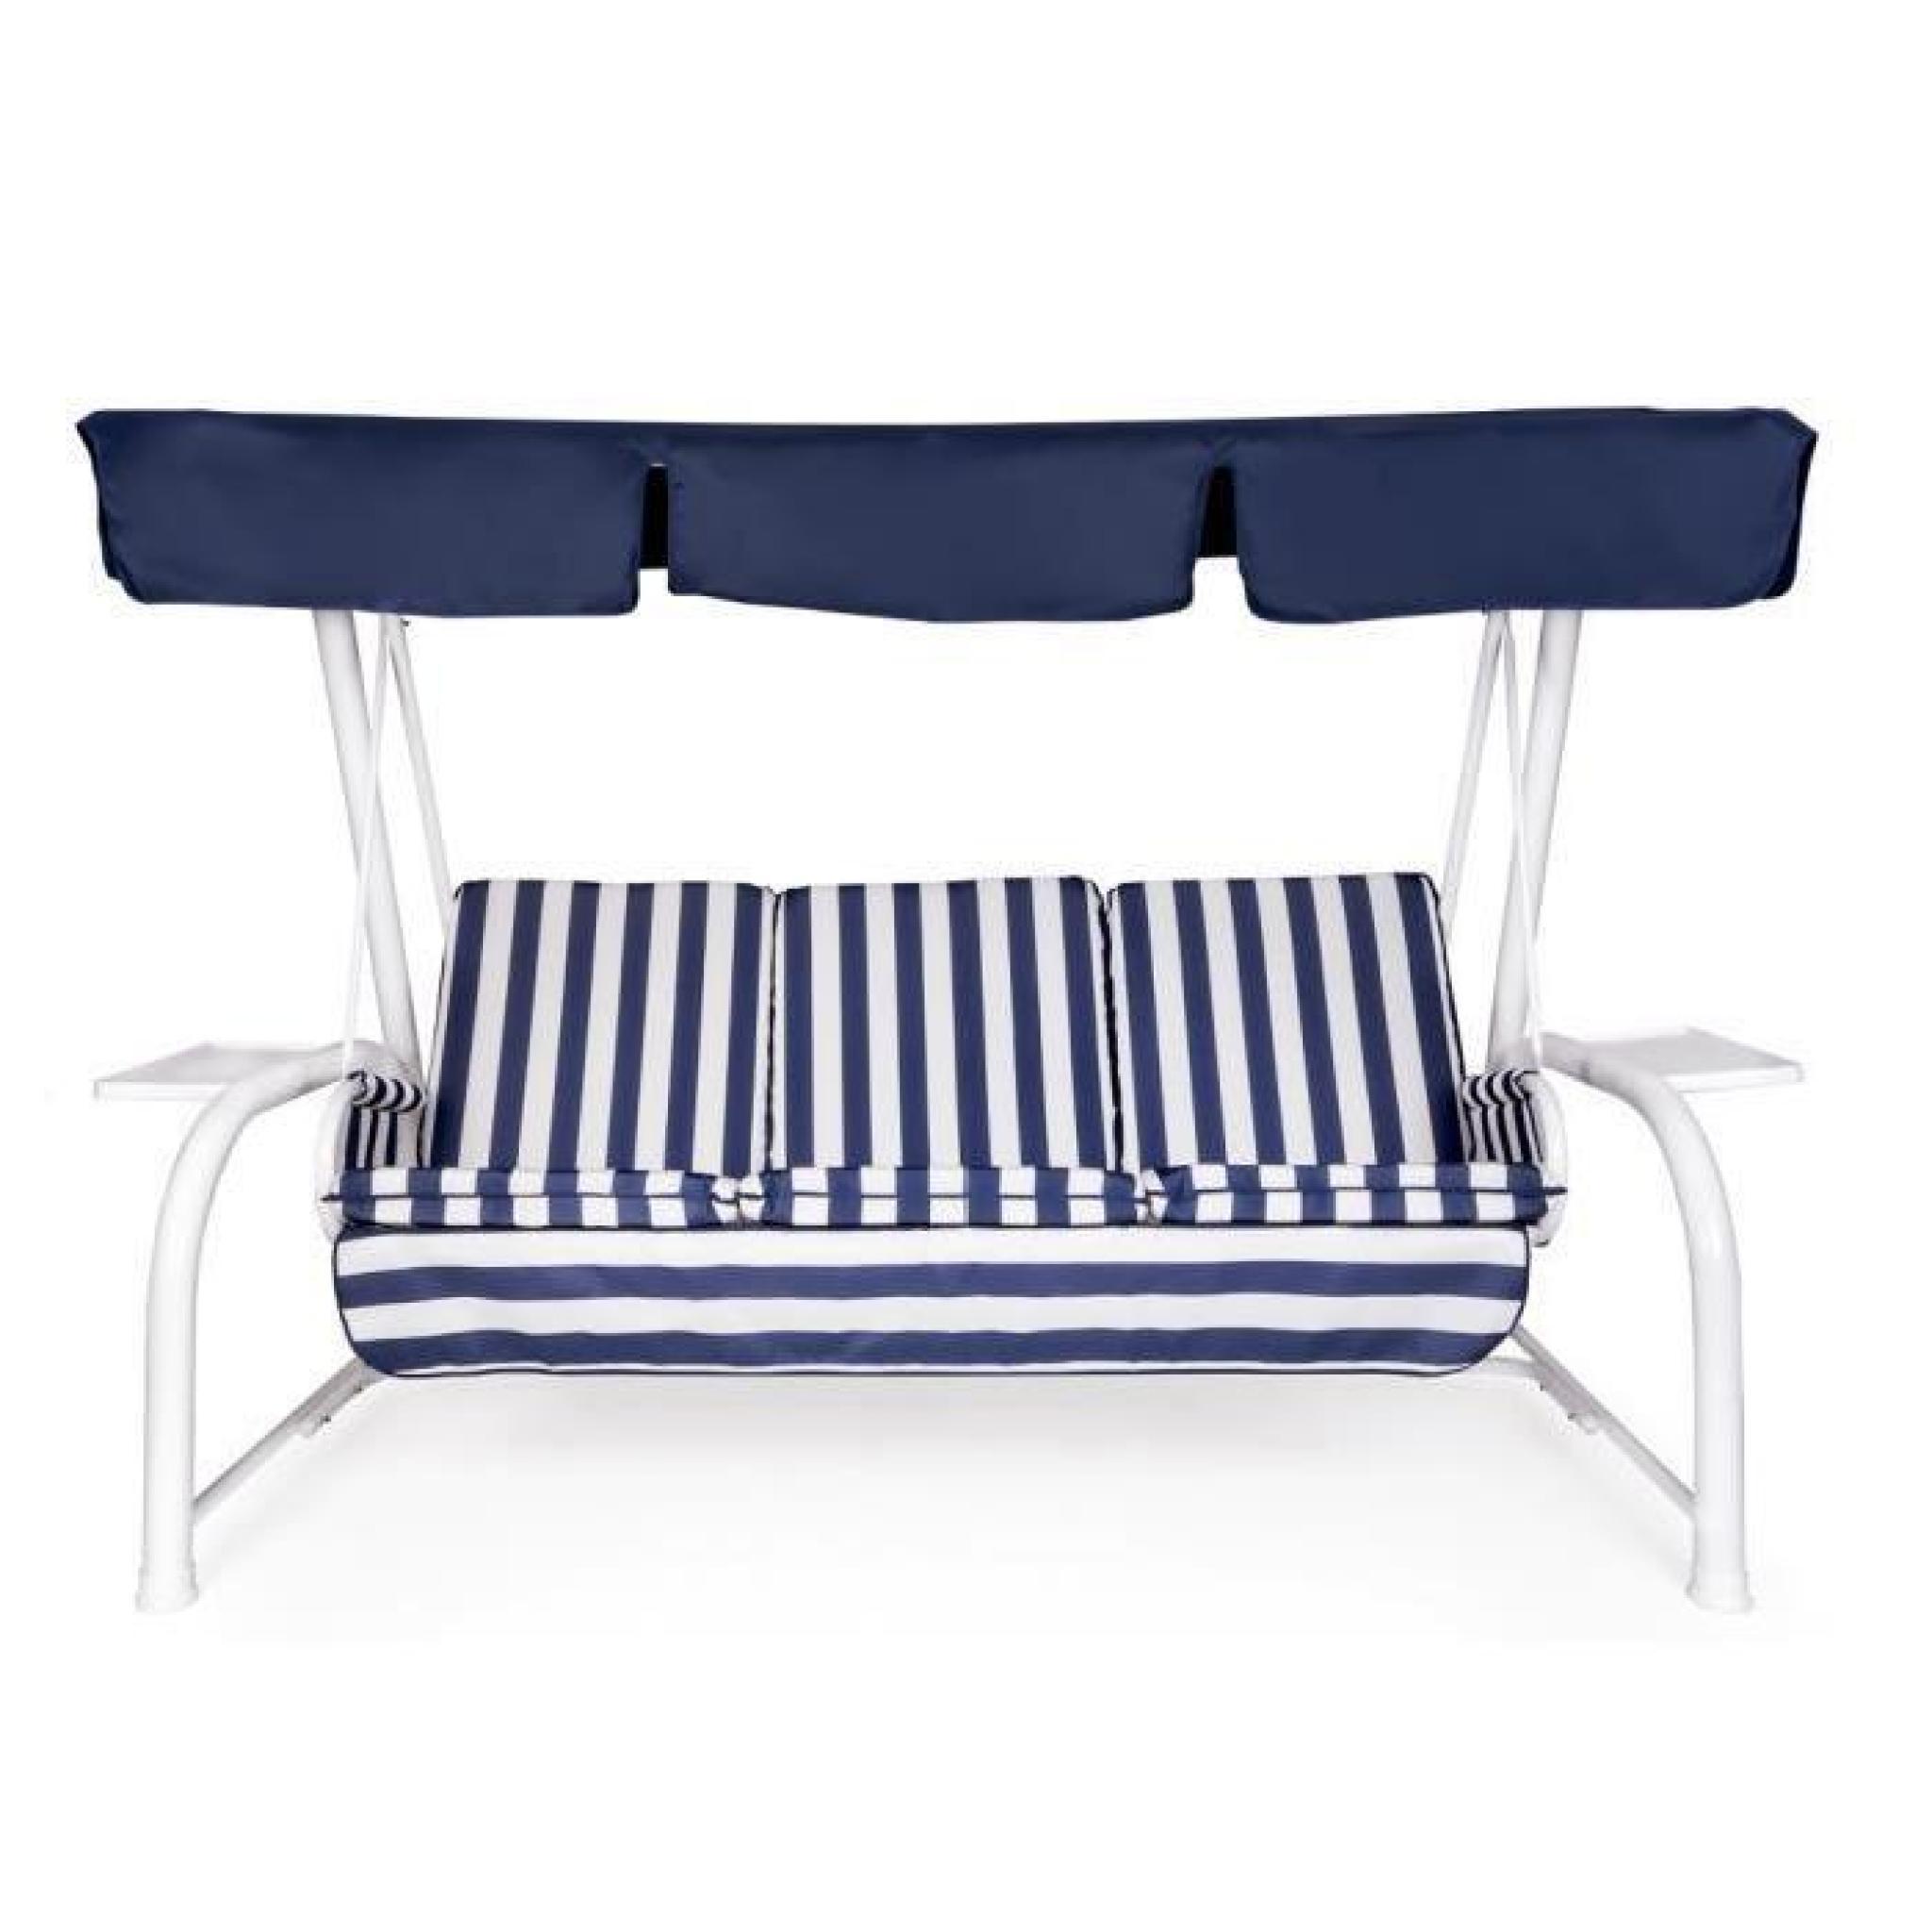 Set Coussins + Toit De Remplacement Pour Balancelle 4 Places Blanc Rayé  Bleu Toit Bleu à Coussins Balancelle Jardin